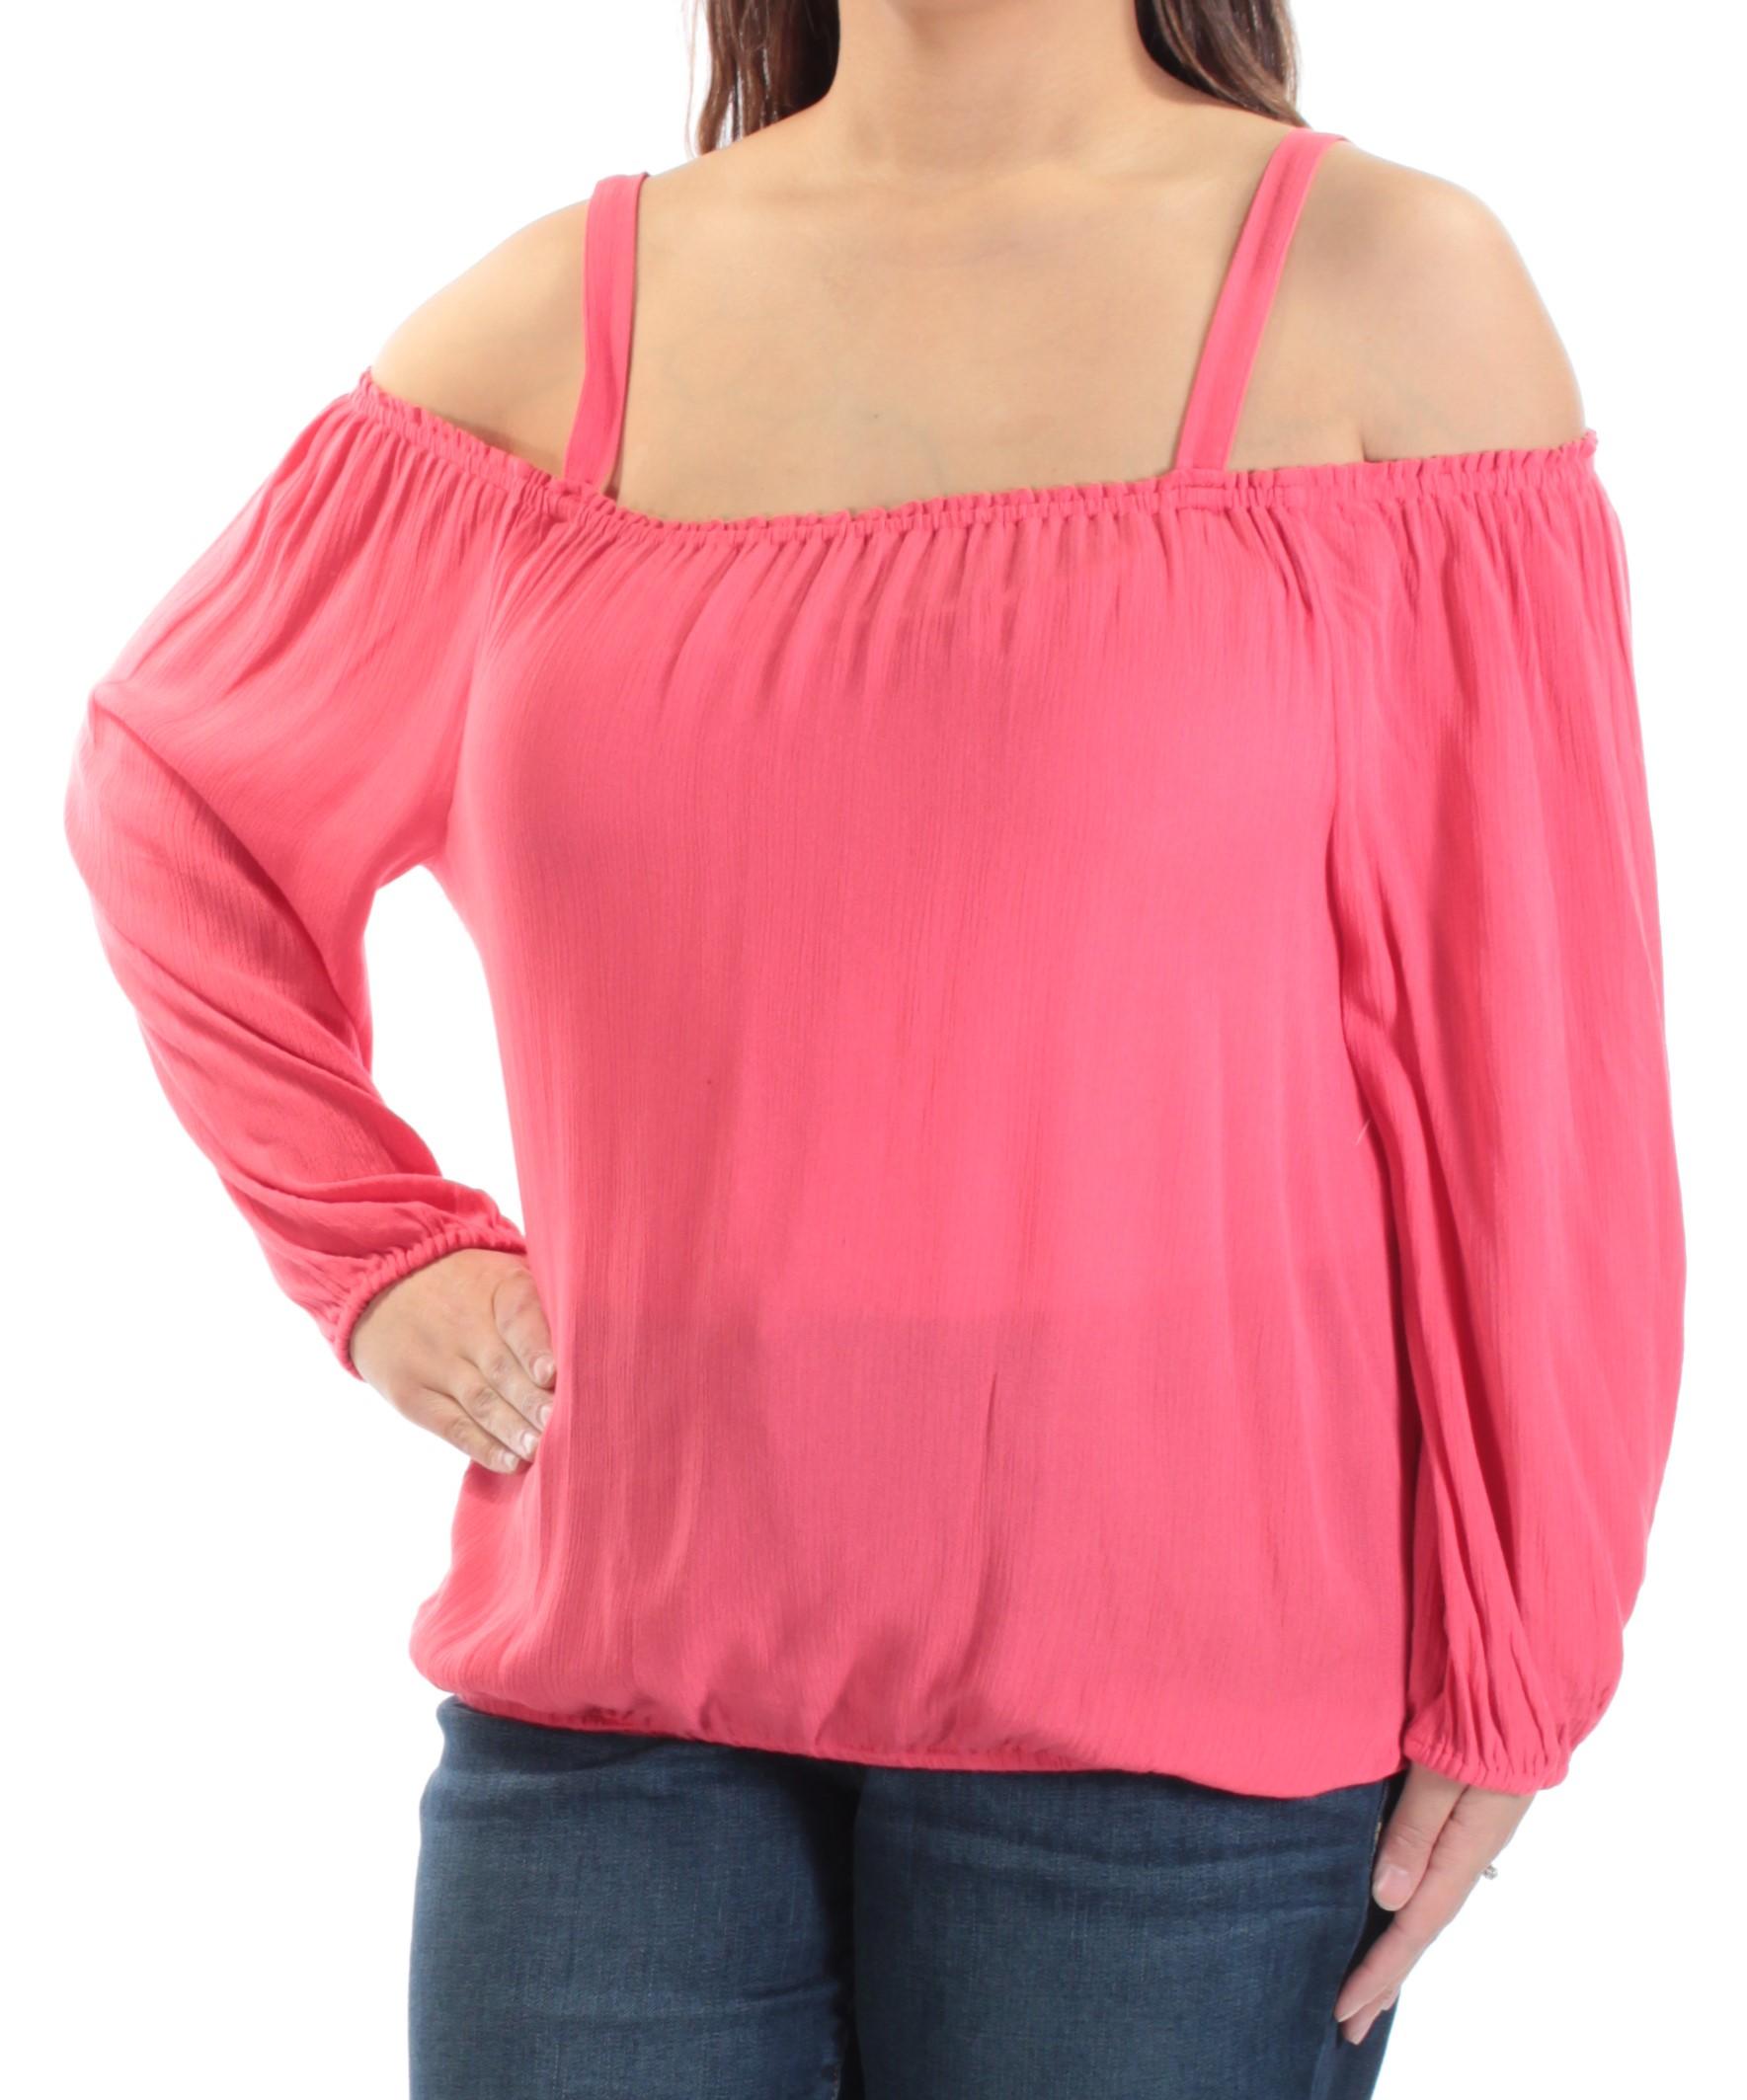 Sanctuary Clothing Womens Cold Shoulder Knit Blouse - X-Large